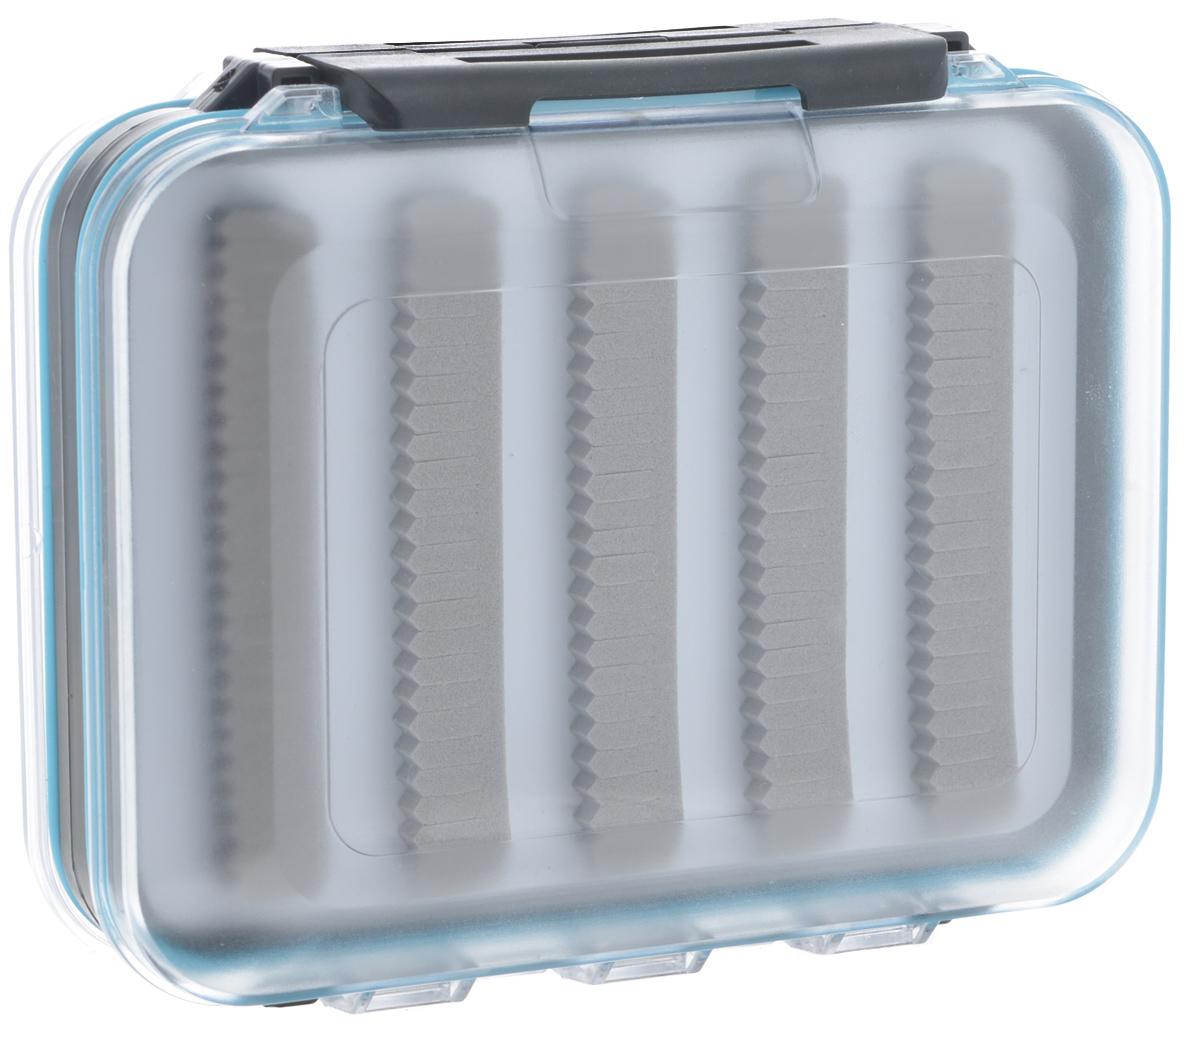 Коробка для приманок Salmo Ice Lure Special 03, 12,5 см х 10,5 см х 4,5 см2020-03Двусторонняя водонепроницаемая коробка Salmo Ice Lure Special 03 оснащена специальными вставками из вспененного материала, позволяющими закреплять приманки (мормышки, балансиры и блесны), не втыкая их в материал, а зажимая в нем крючки. Такая система в разы увеличивает срок службы коробки. Изделие выполнено из высококачественного пластика. Коробка оборудована прочными замками, предотвращающими случайное открывание.